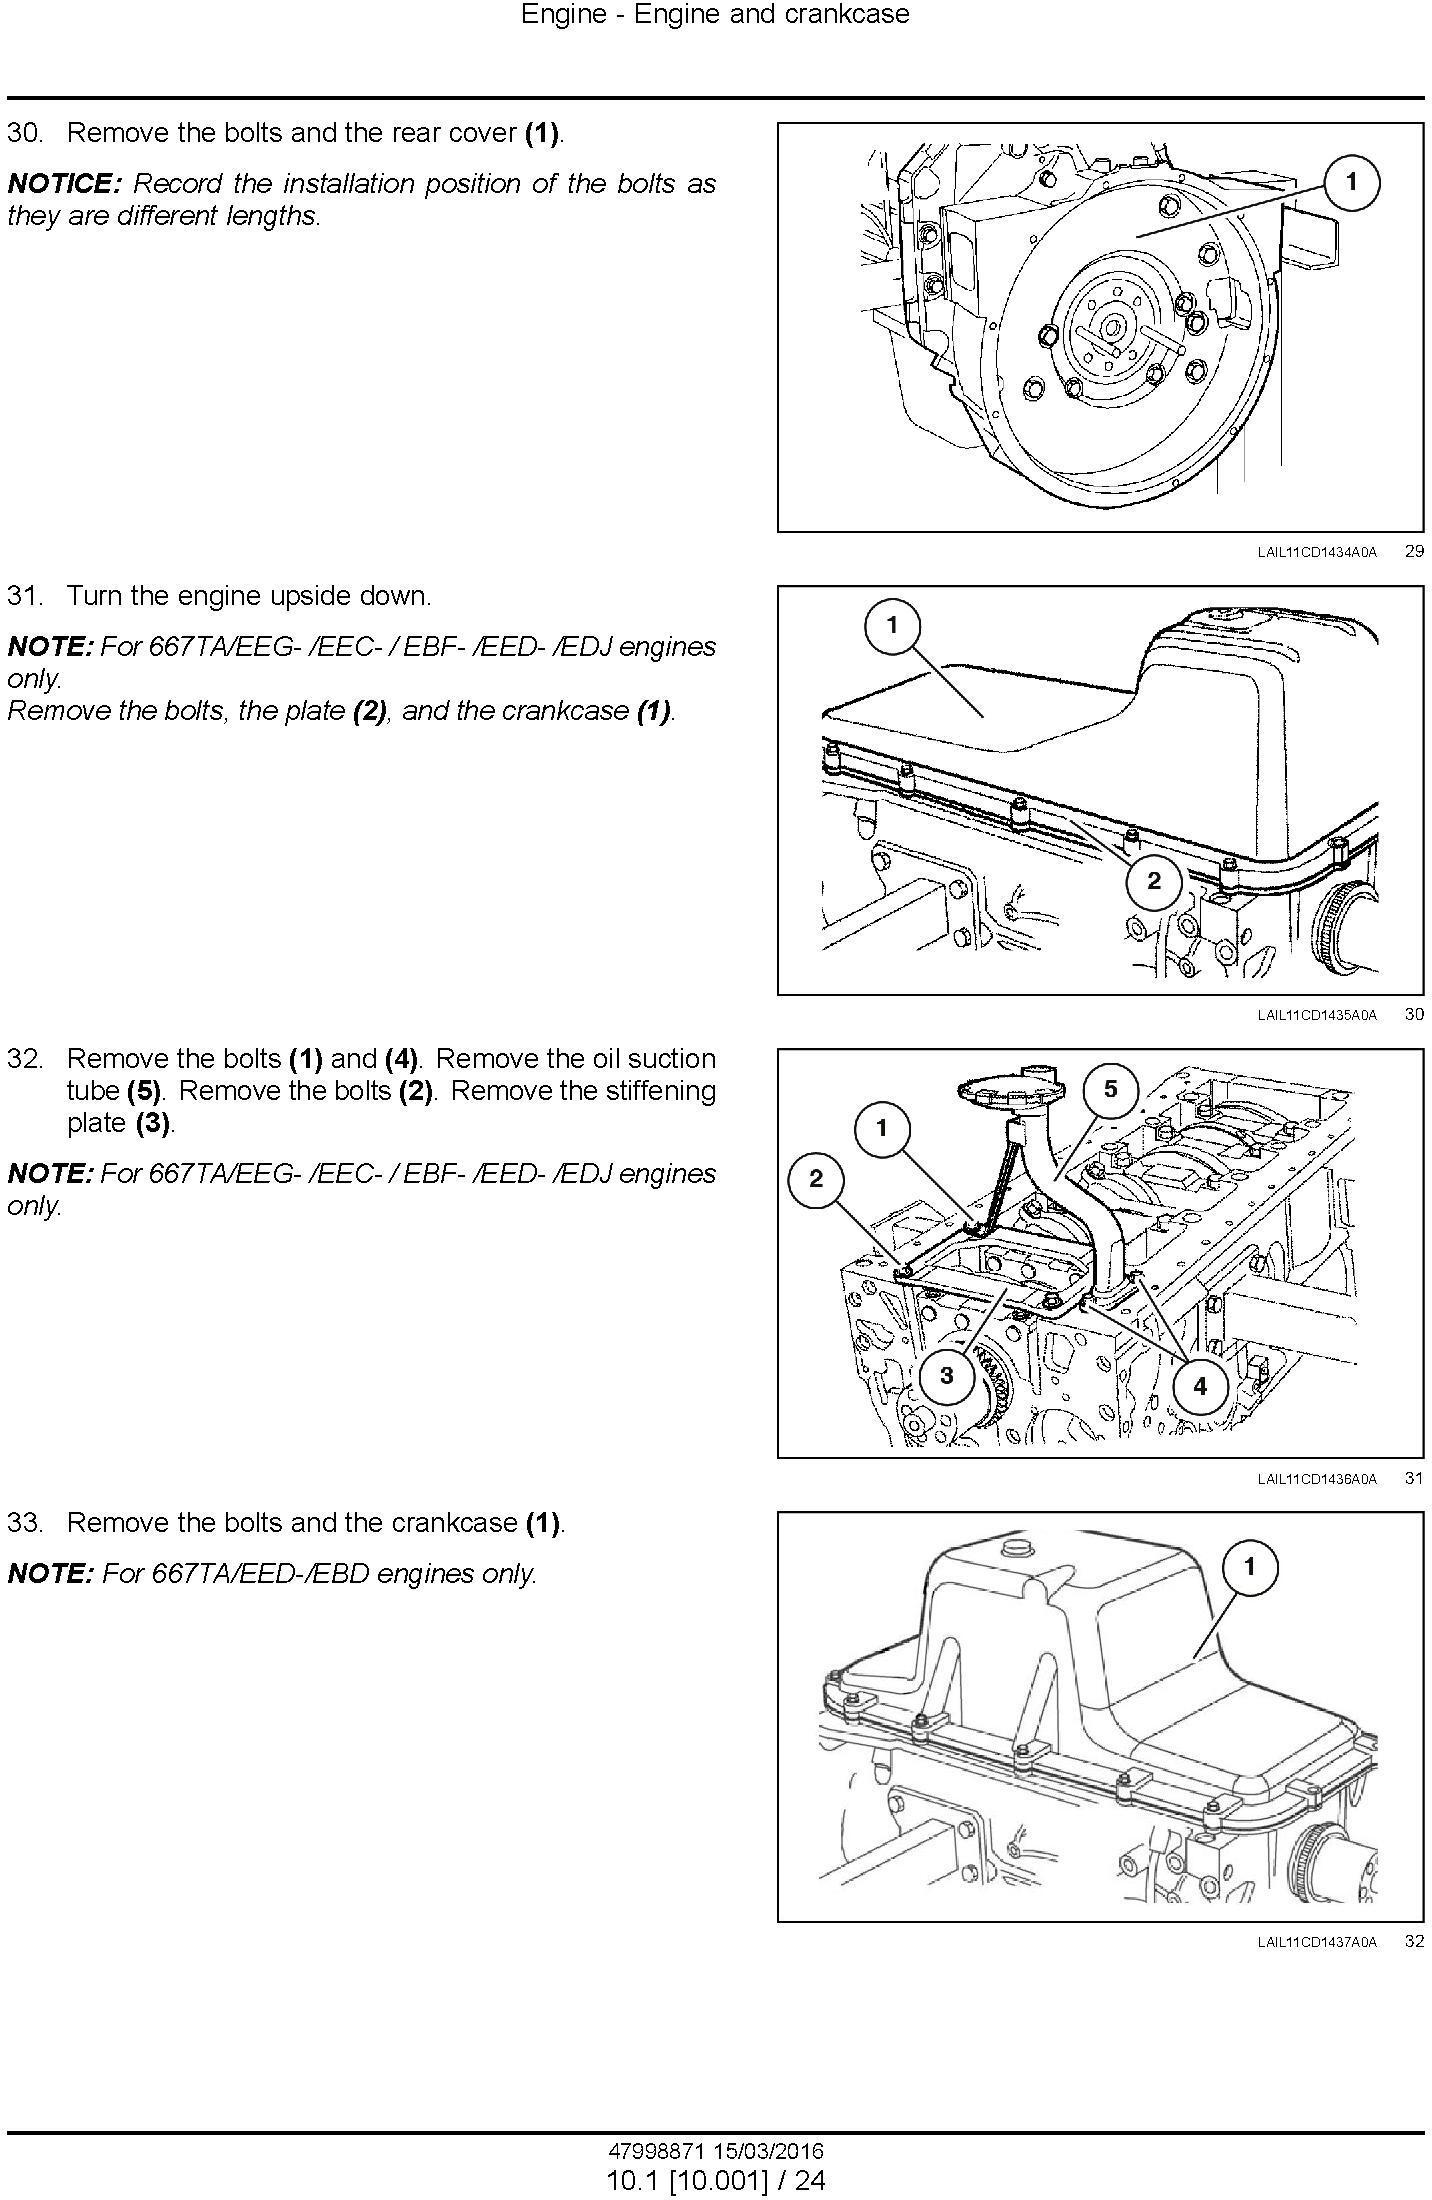 New Holland D140B Crawler dozer Service Manual - 1